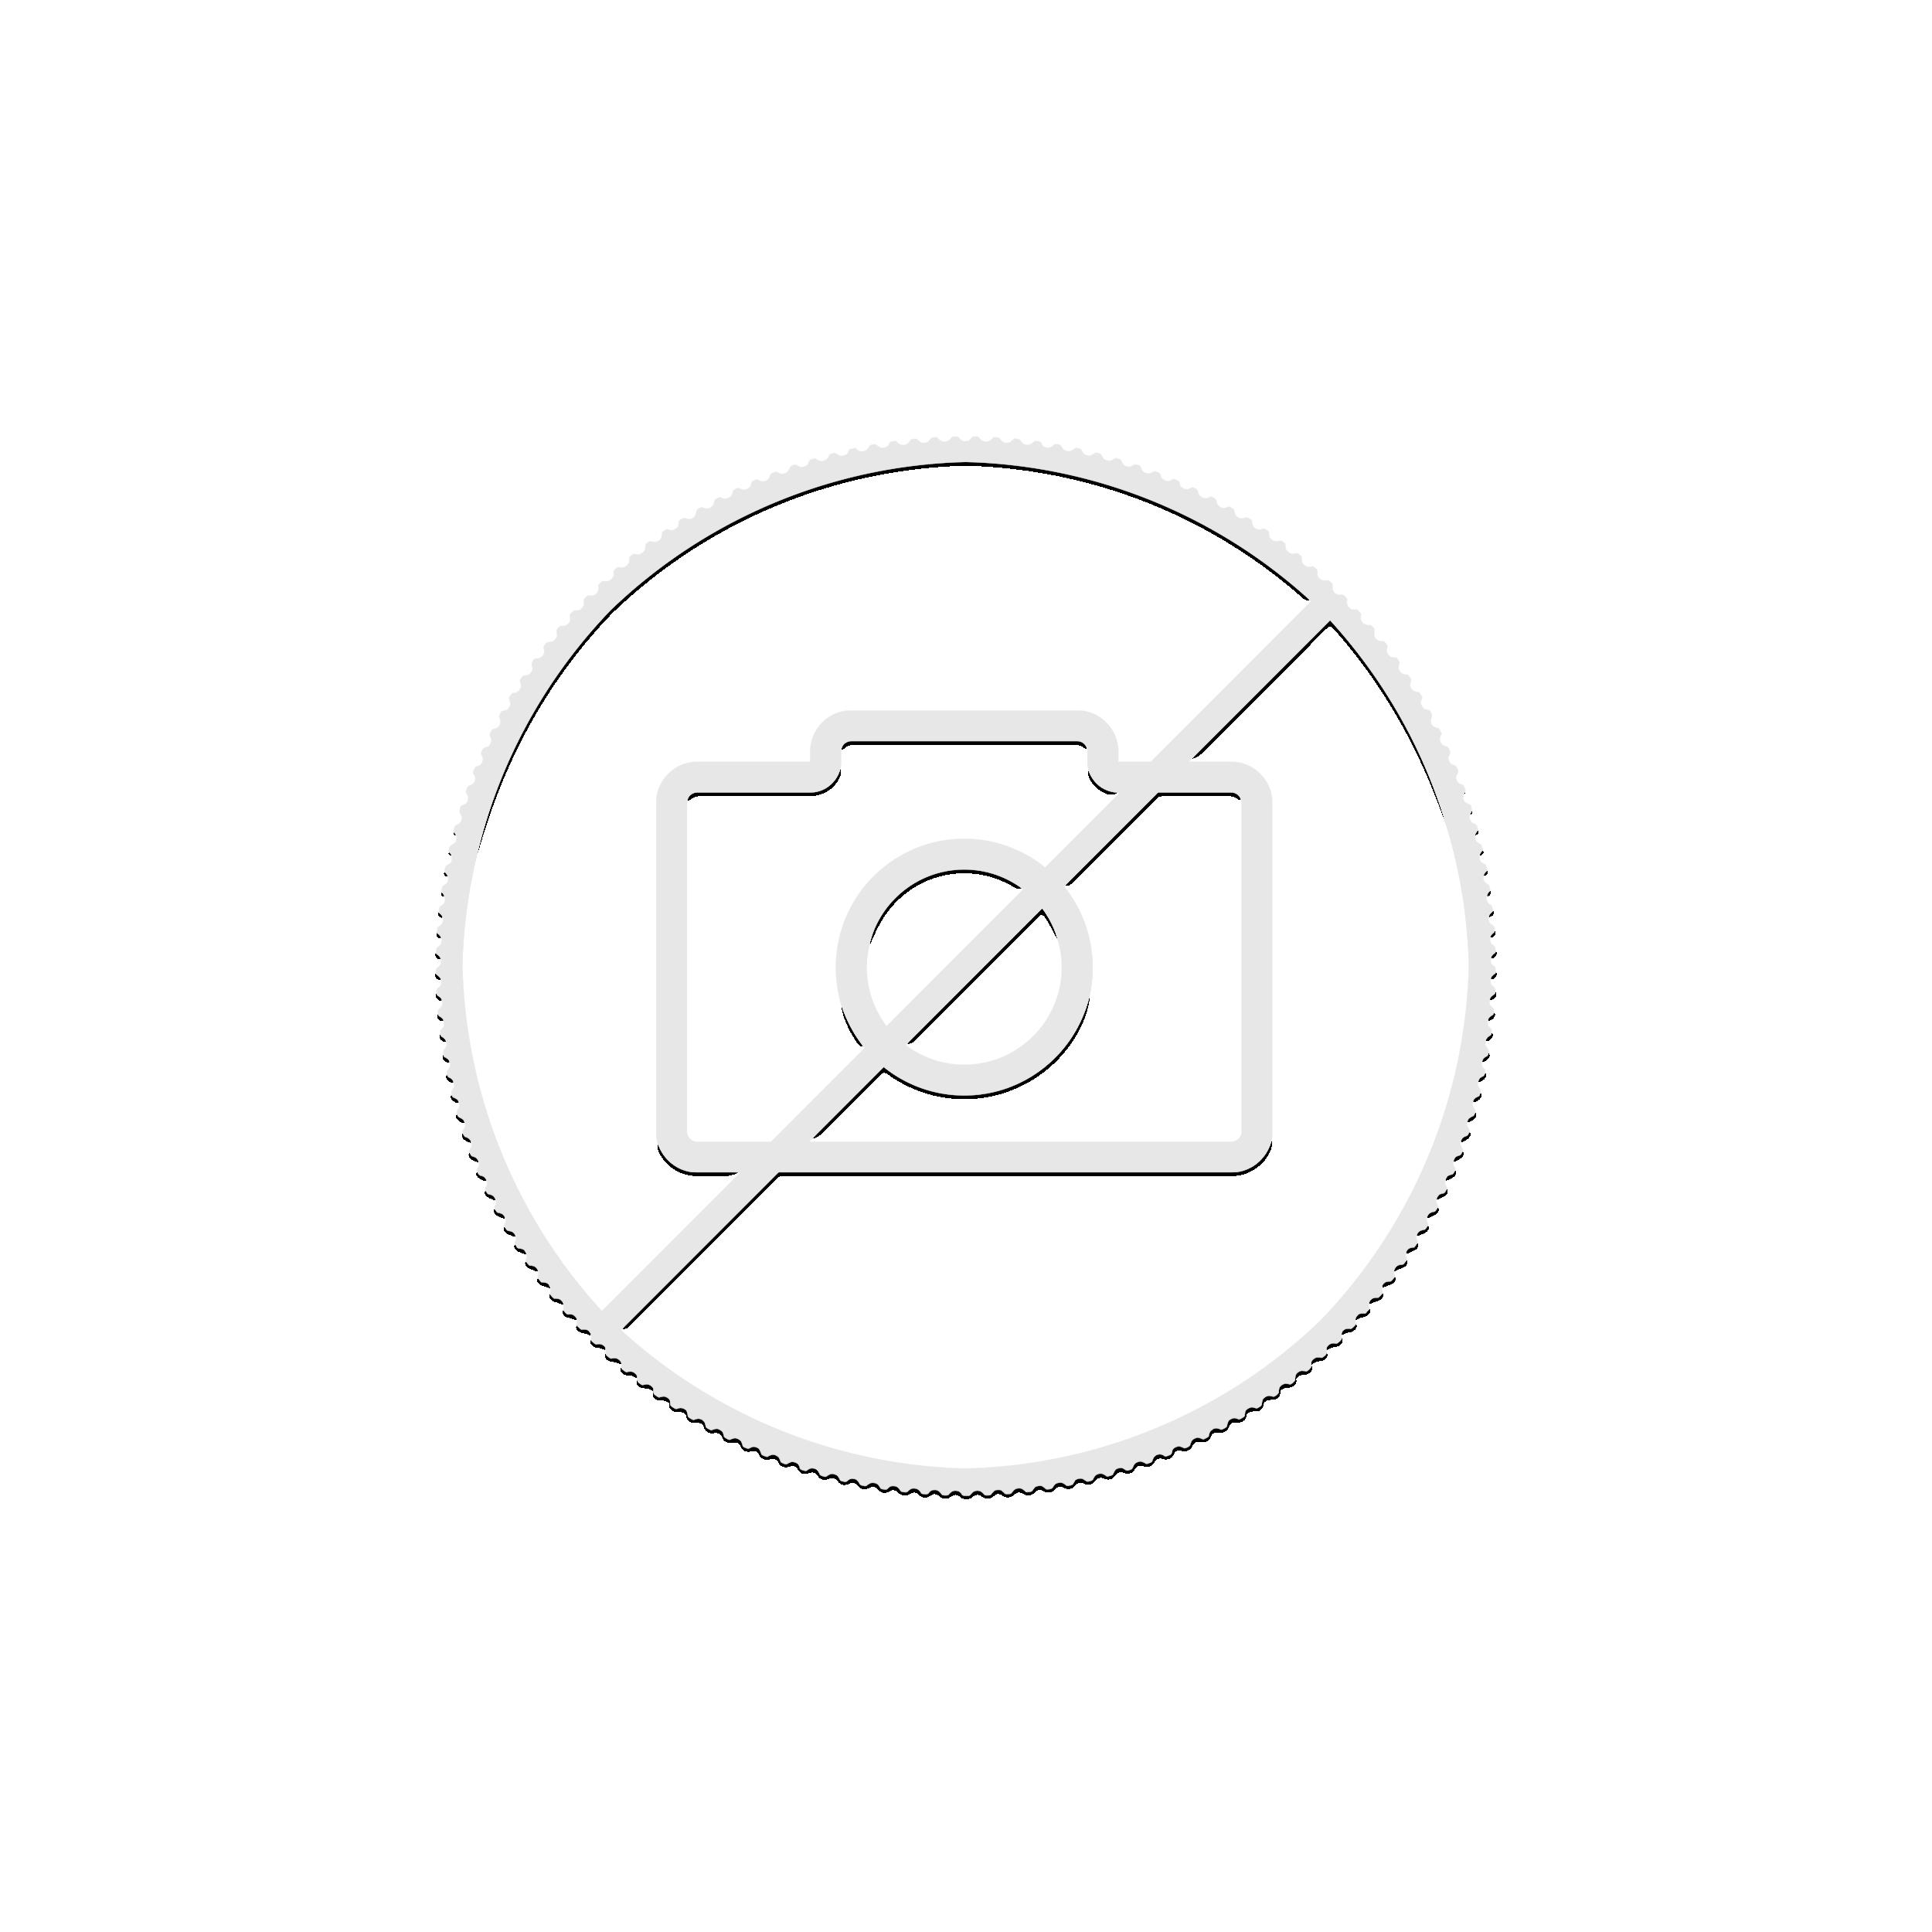 1 troy ounce zilveren munt Lunar jaar van de tijger 2022